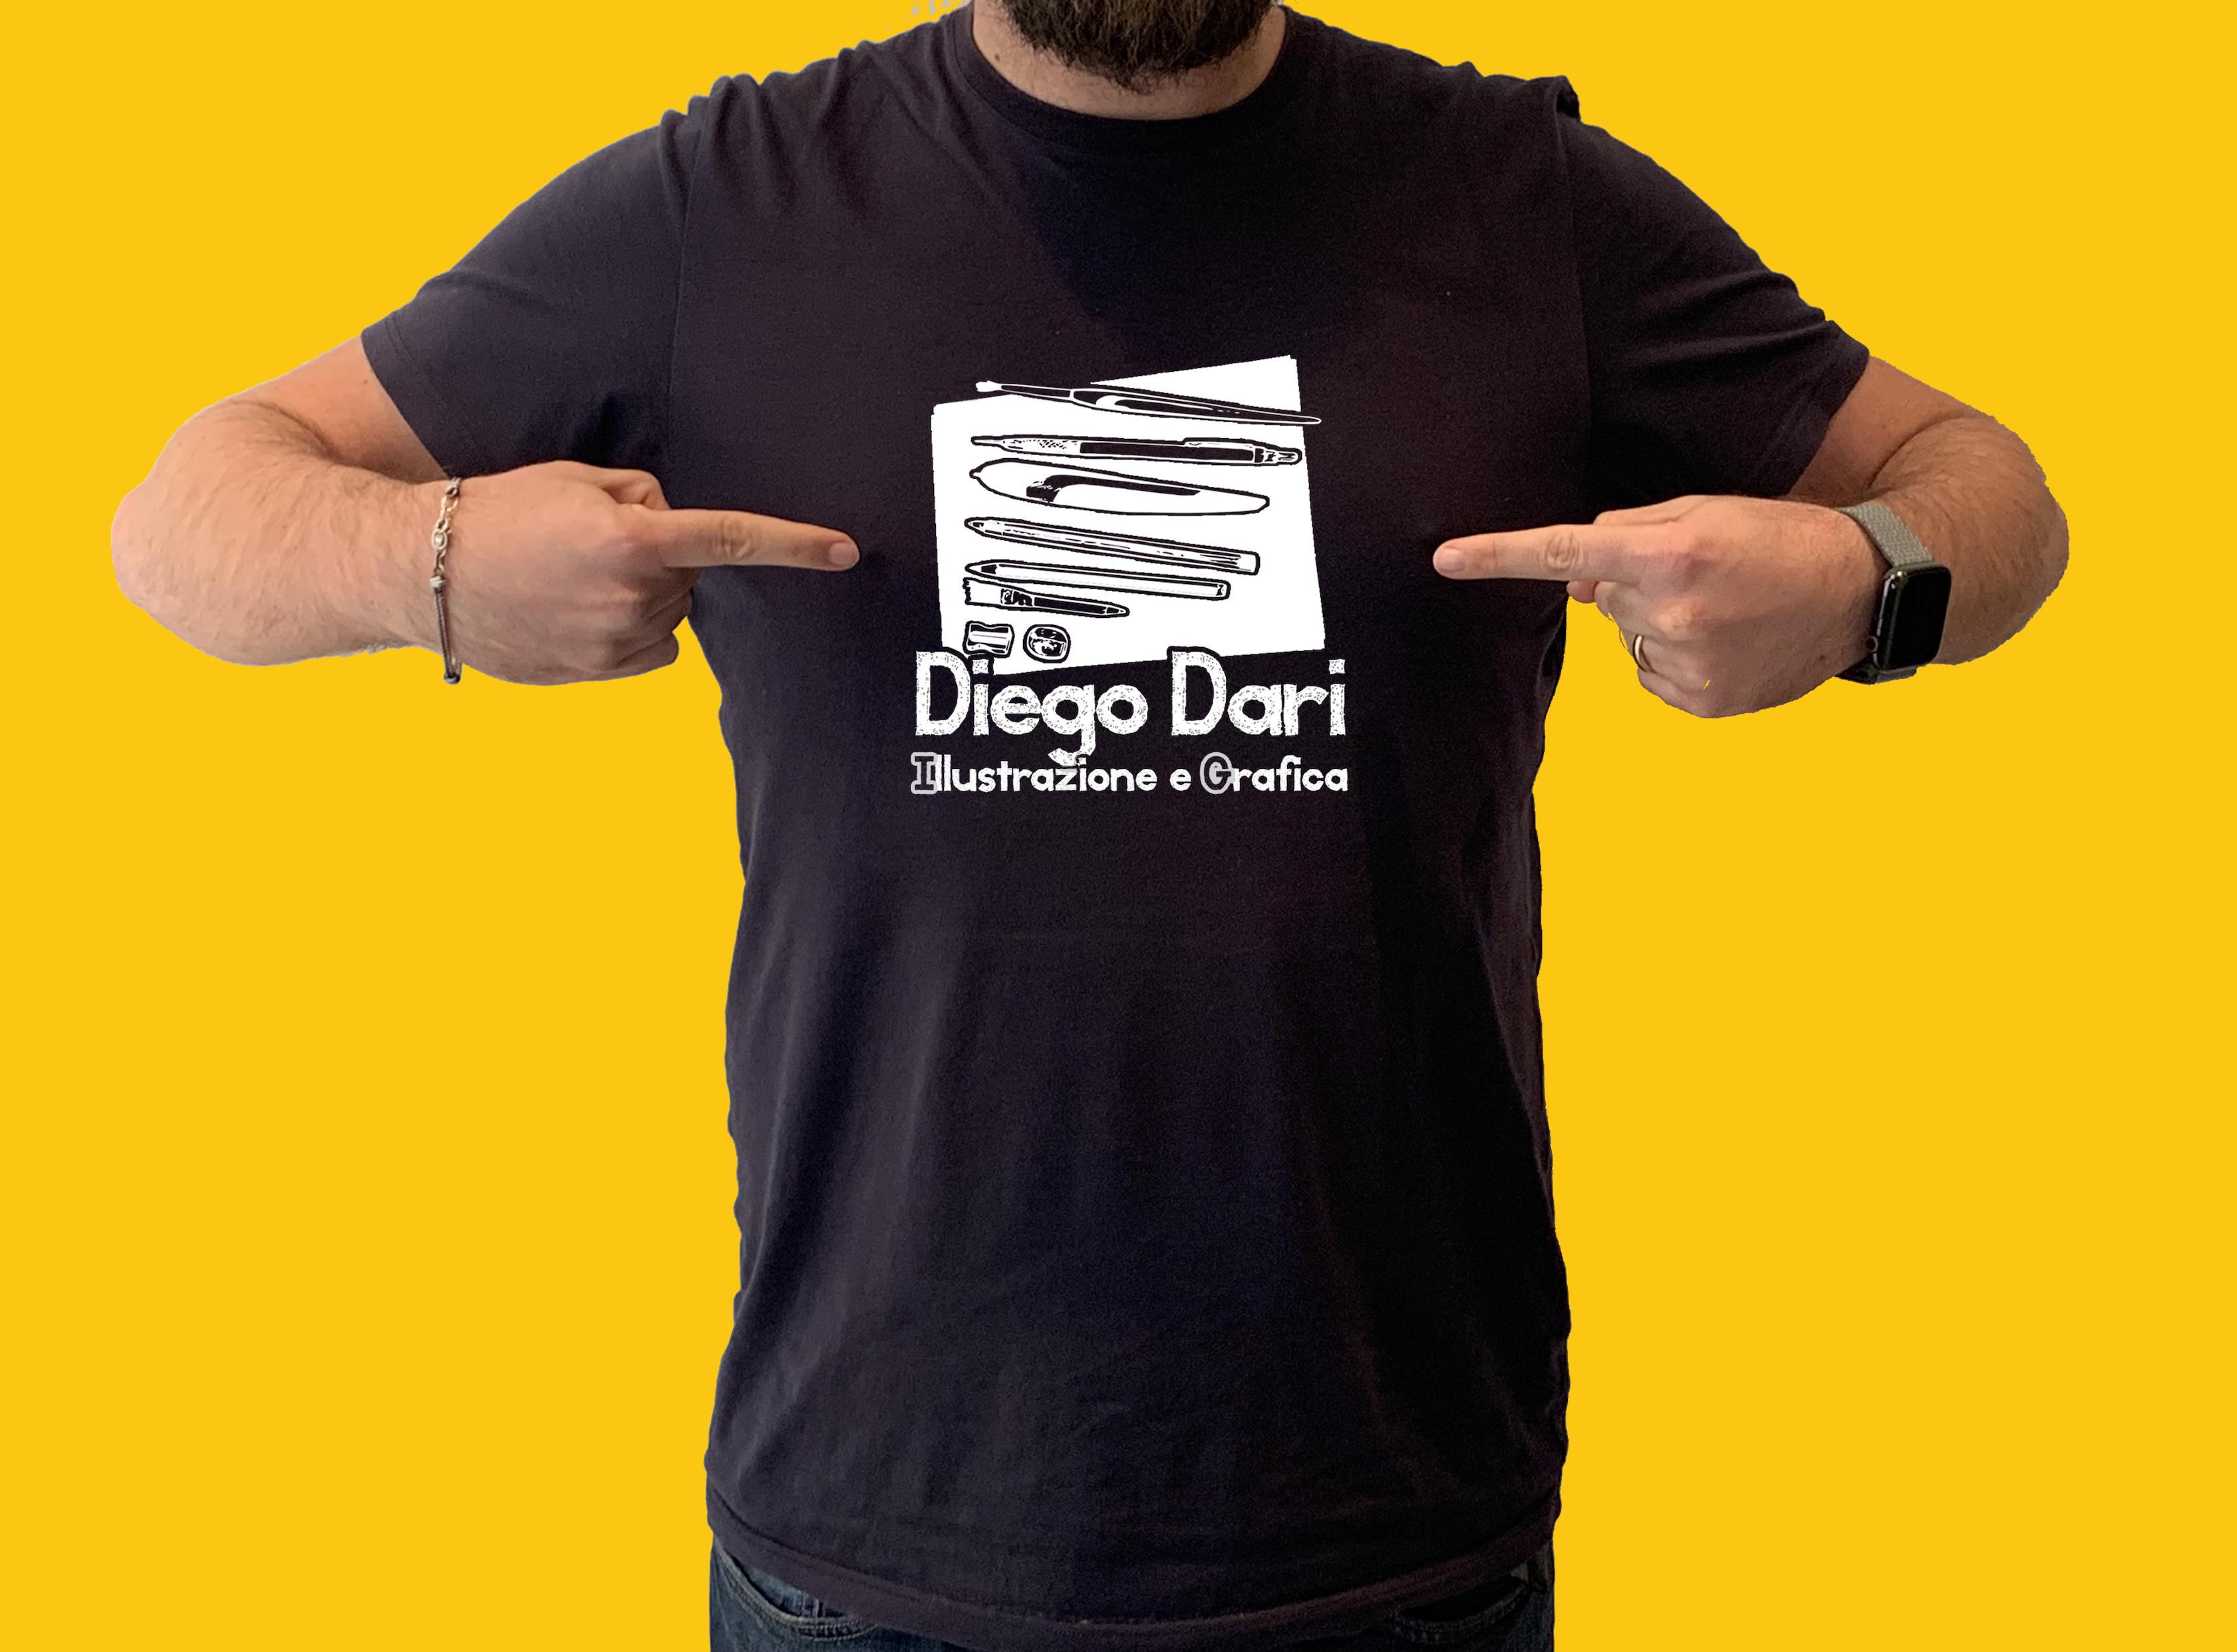 stampa magliette personalizzate piombino